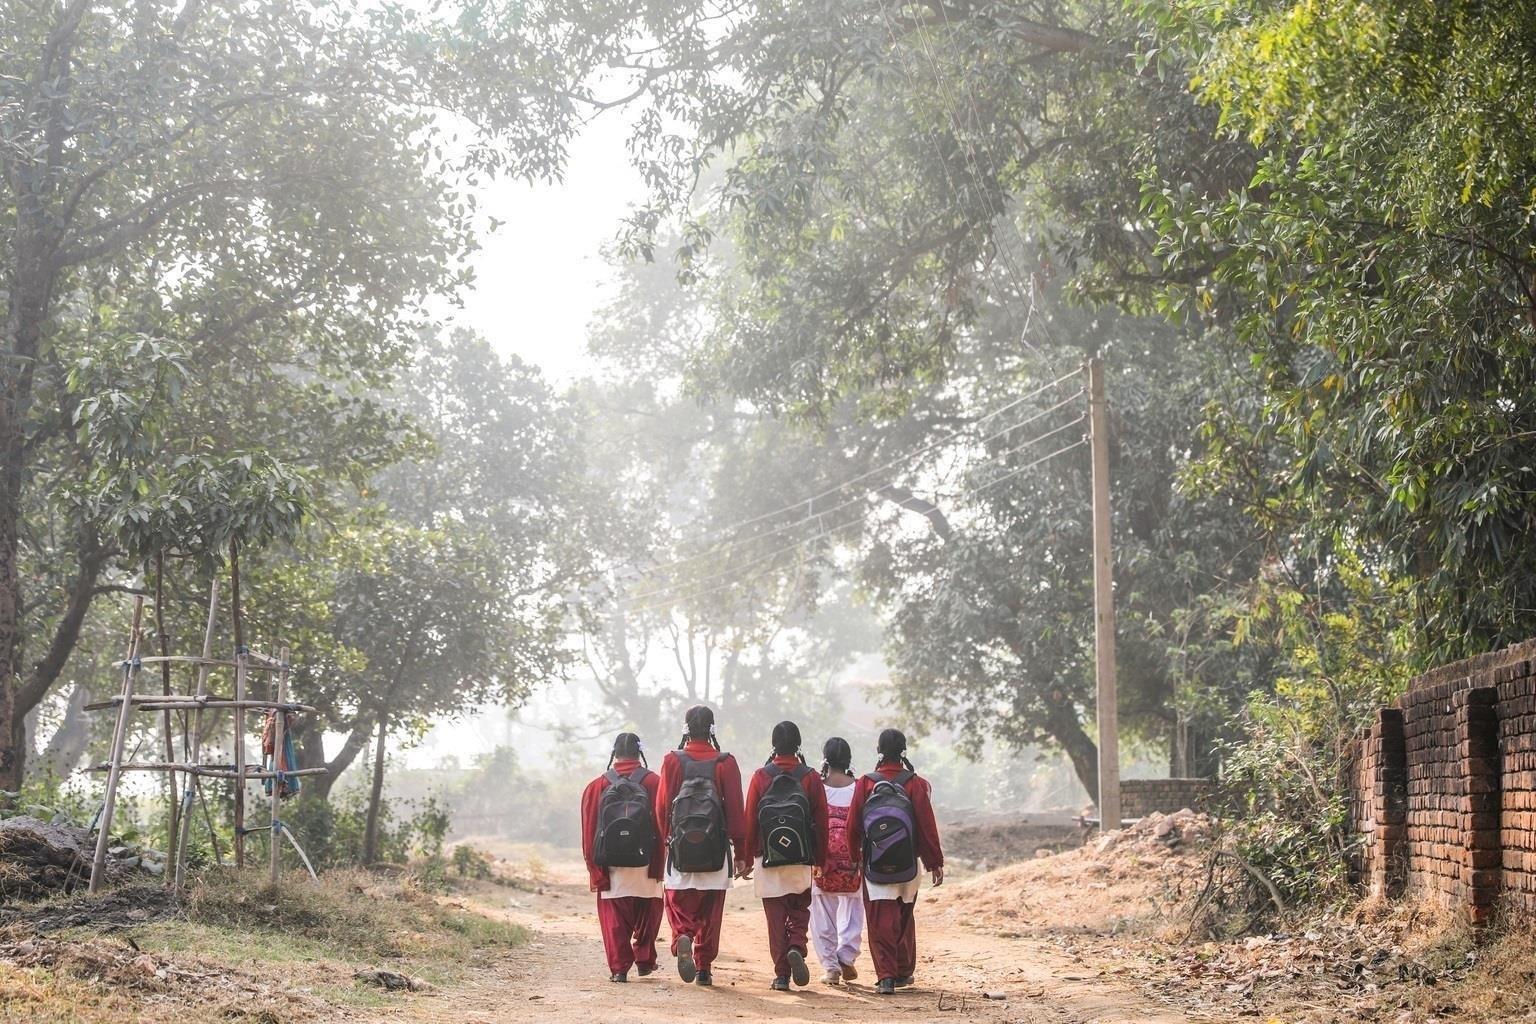 Un tercio de las mujeres del sur de Asia dejan de ir a la escuela cuando tienen la menstruación